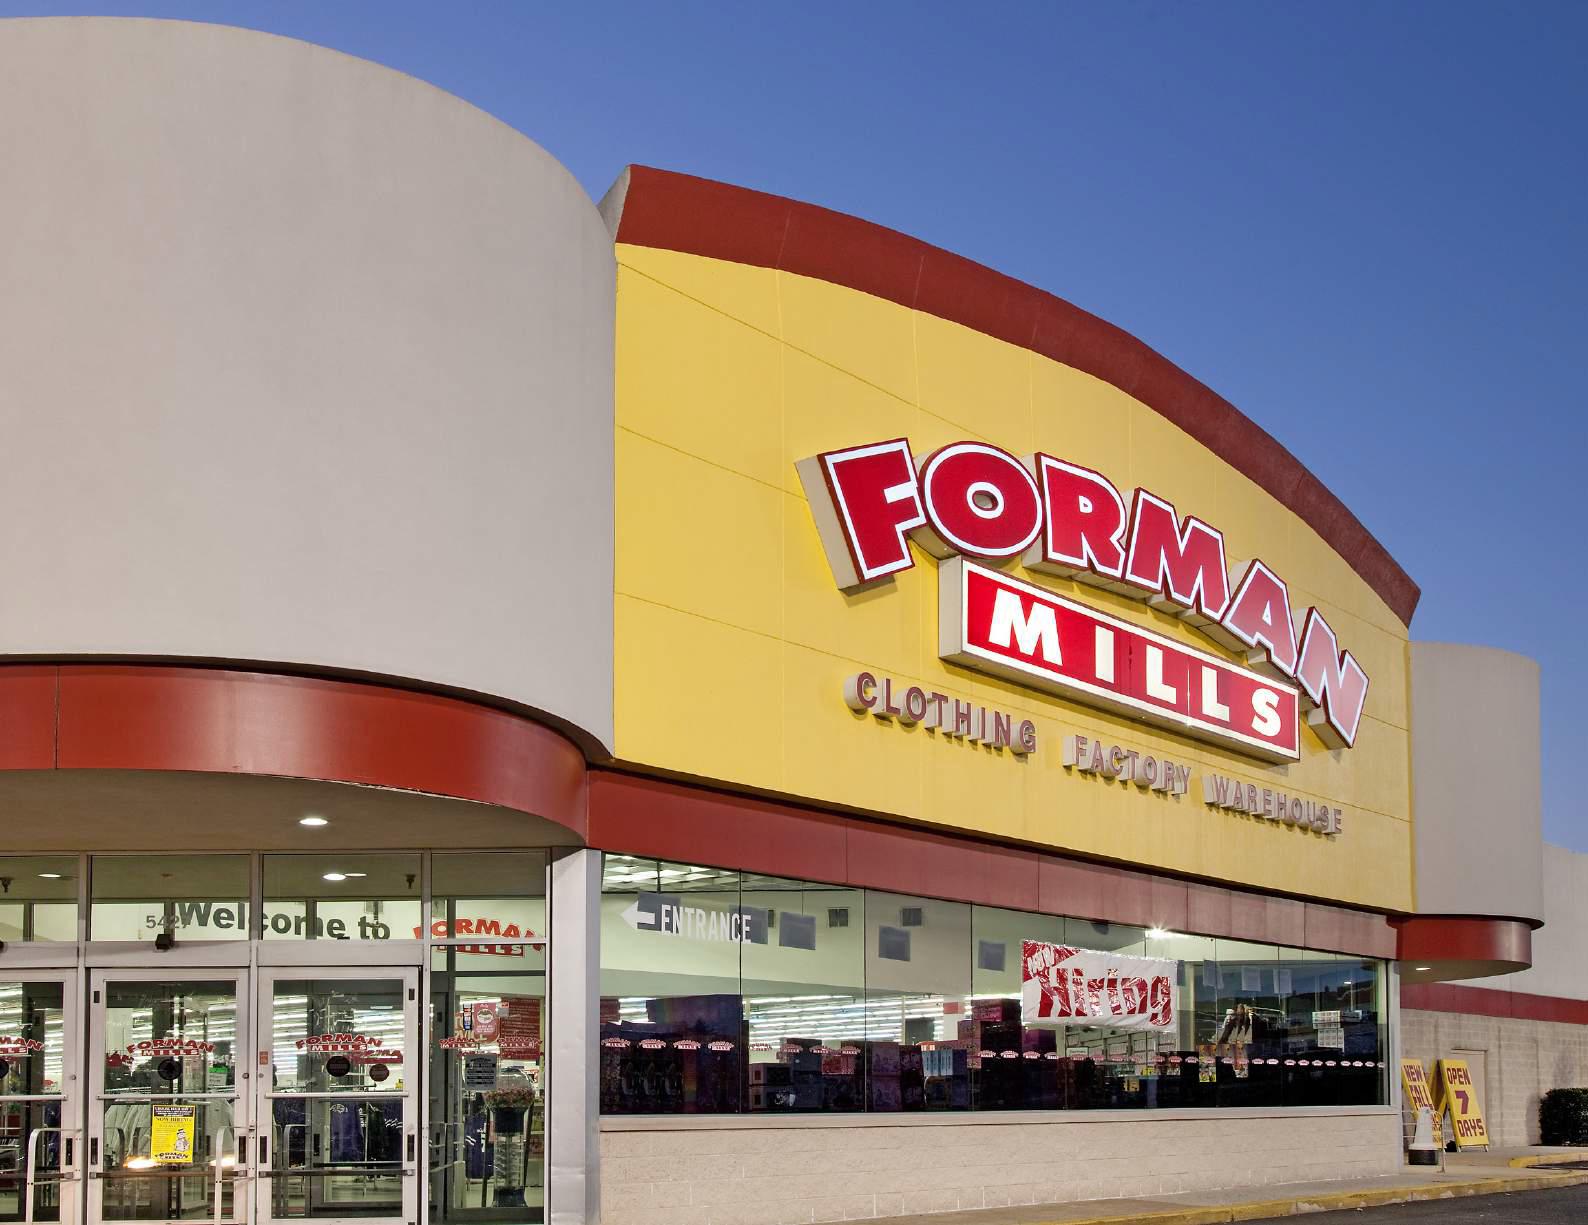 Catonsville Plaza Forman Mills